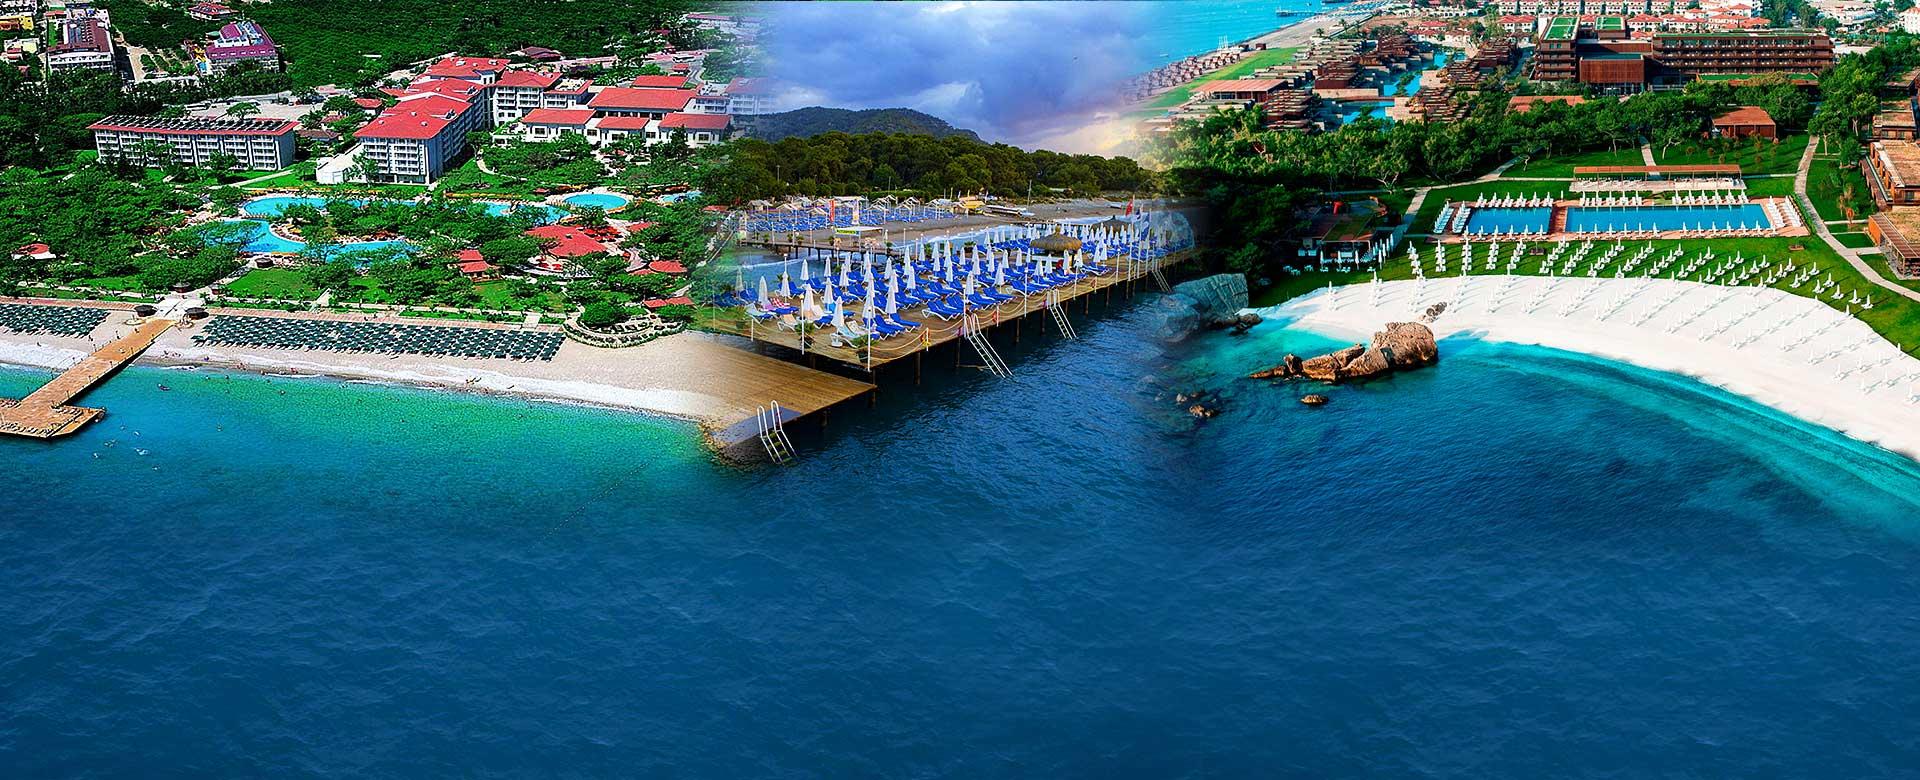 Kemer hoteli leto u Turskoj avionom, first i last minute popustima i specijalnim ponudama, avio prevoz direktnim čarter letom.